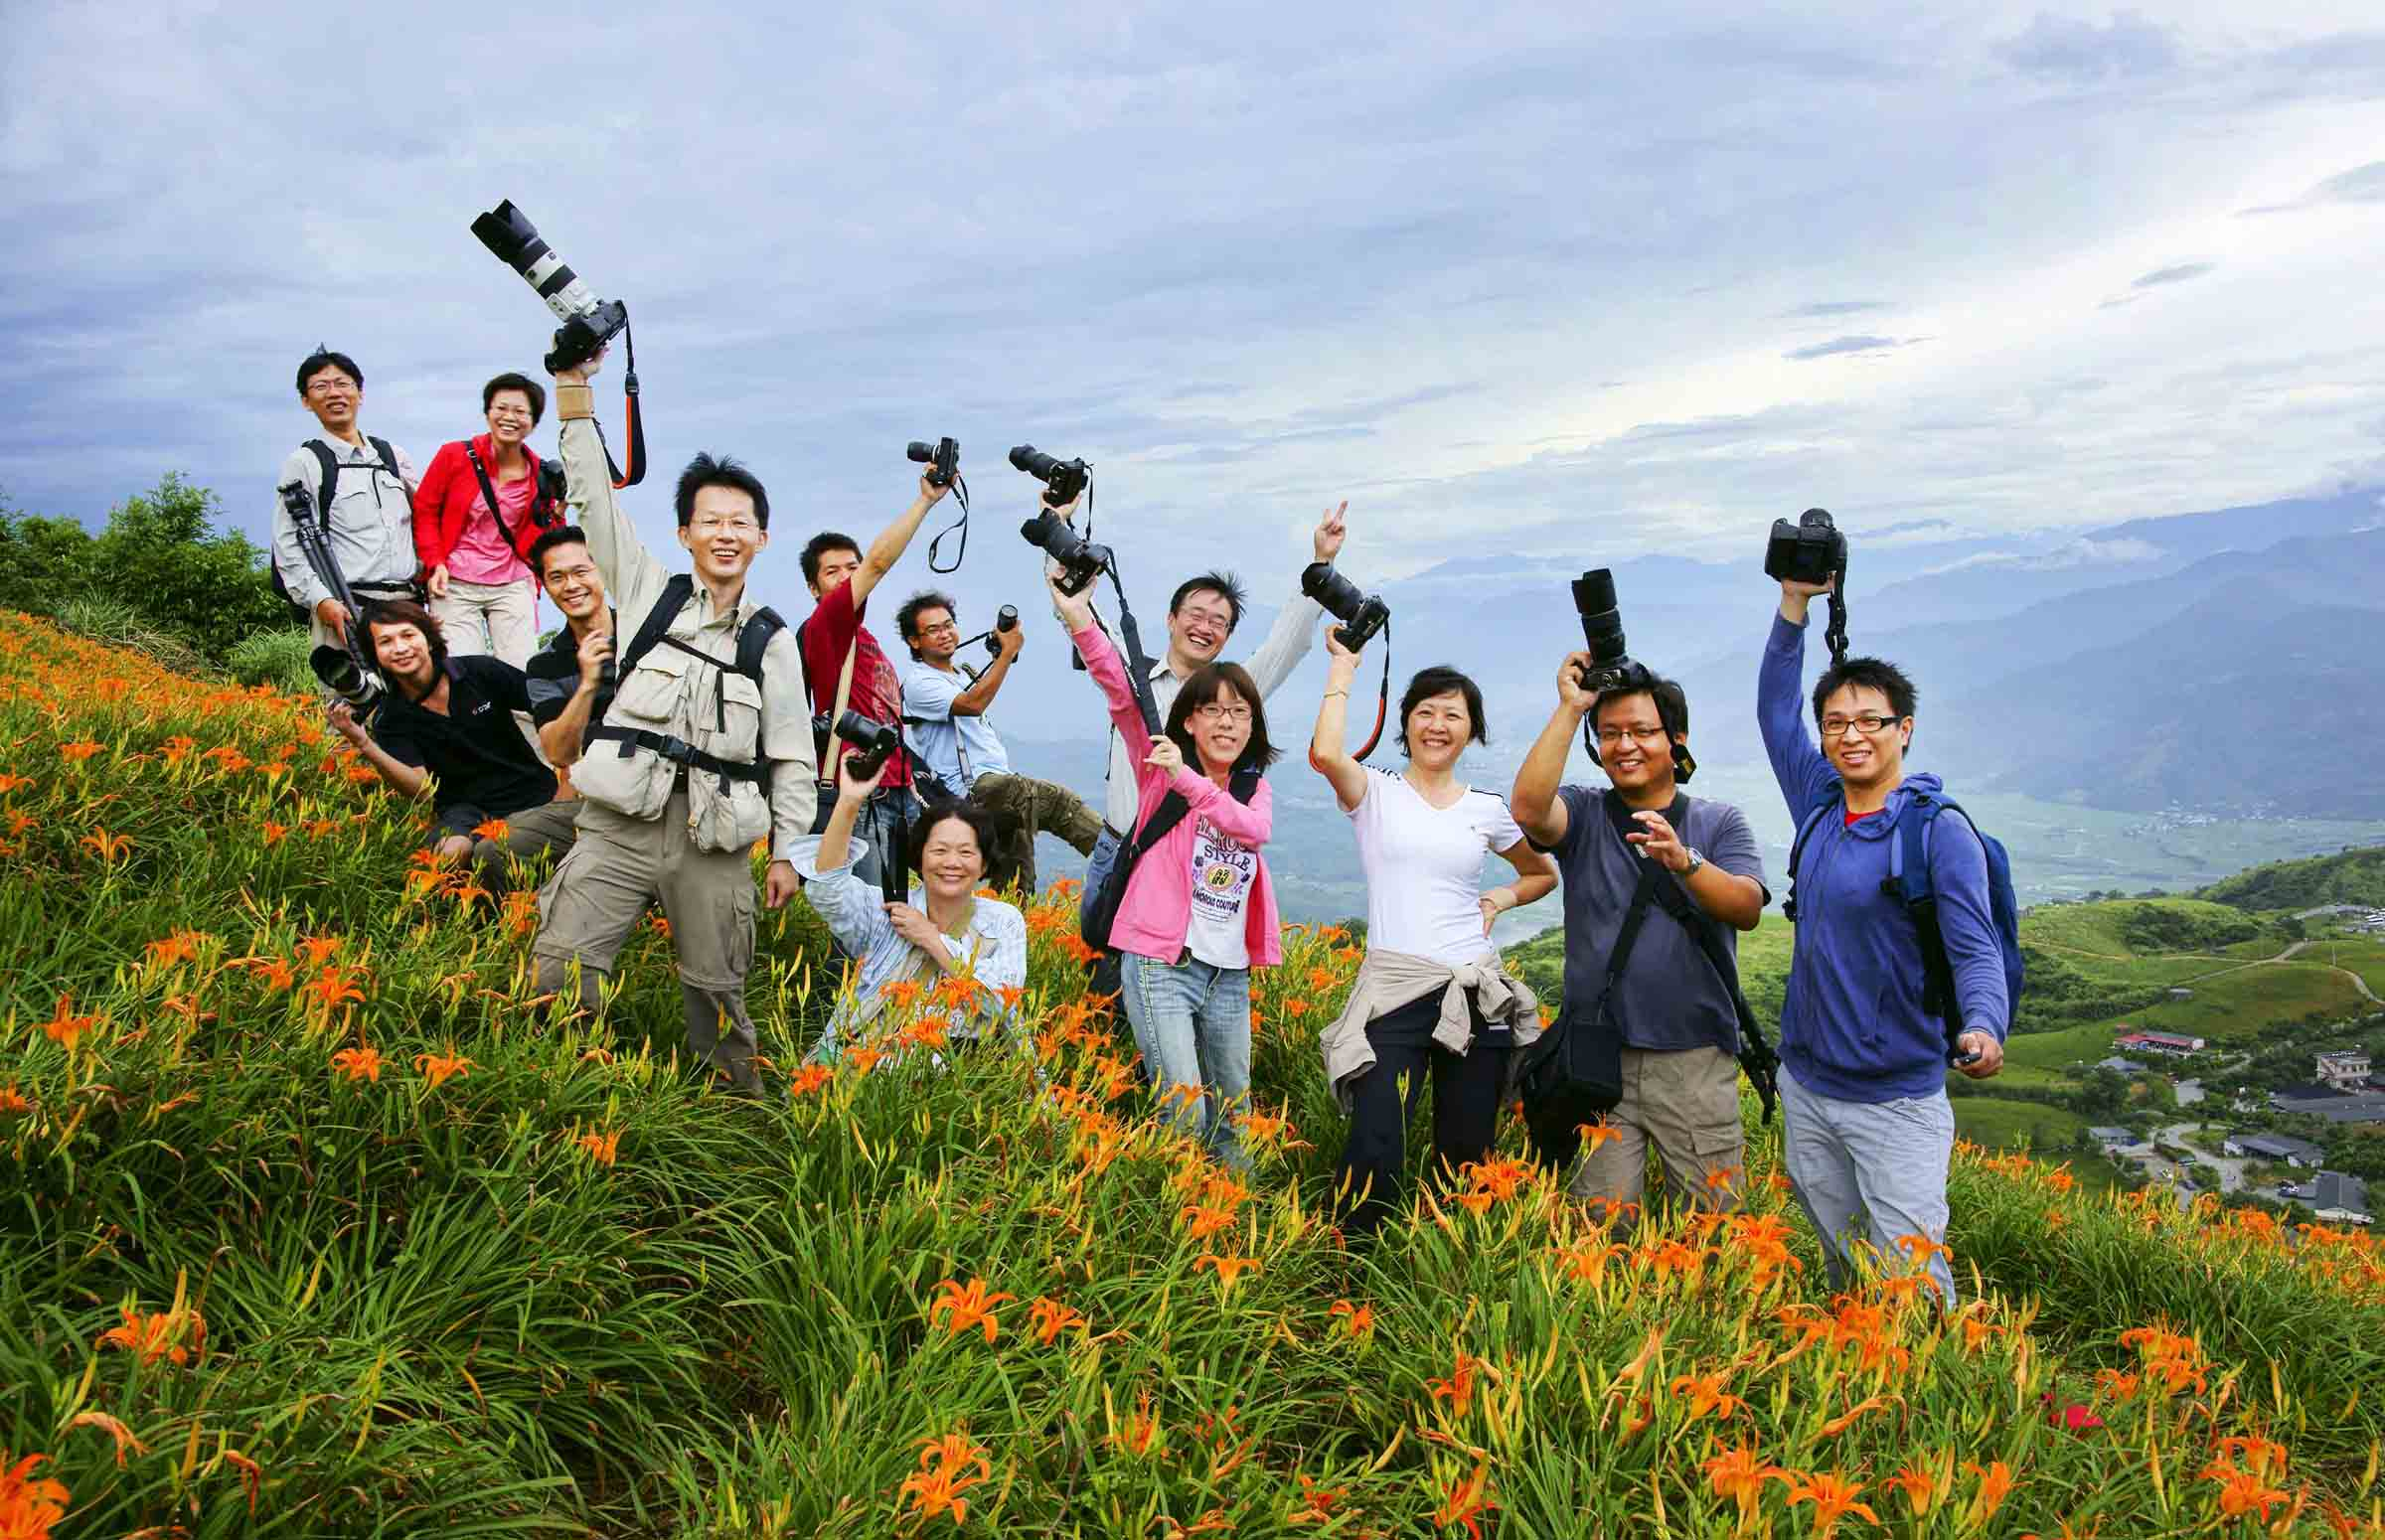 2010-8-22-紀老師攝影班花蓮六十石山團體合照-12.jpg